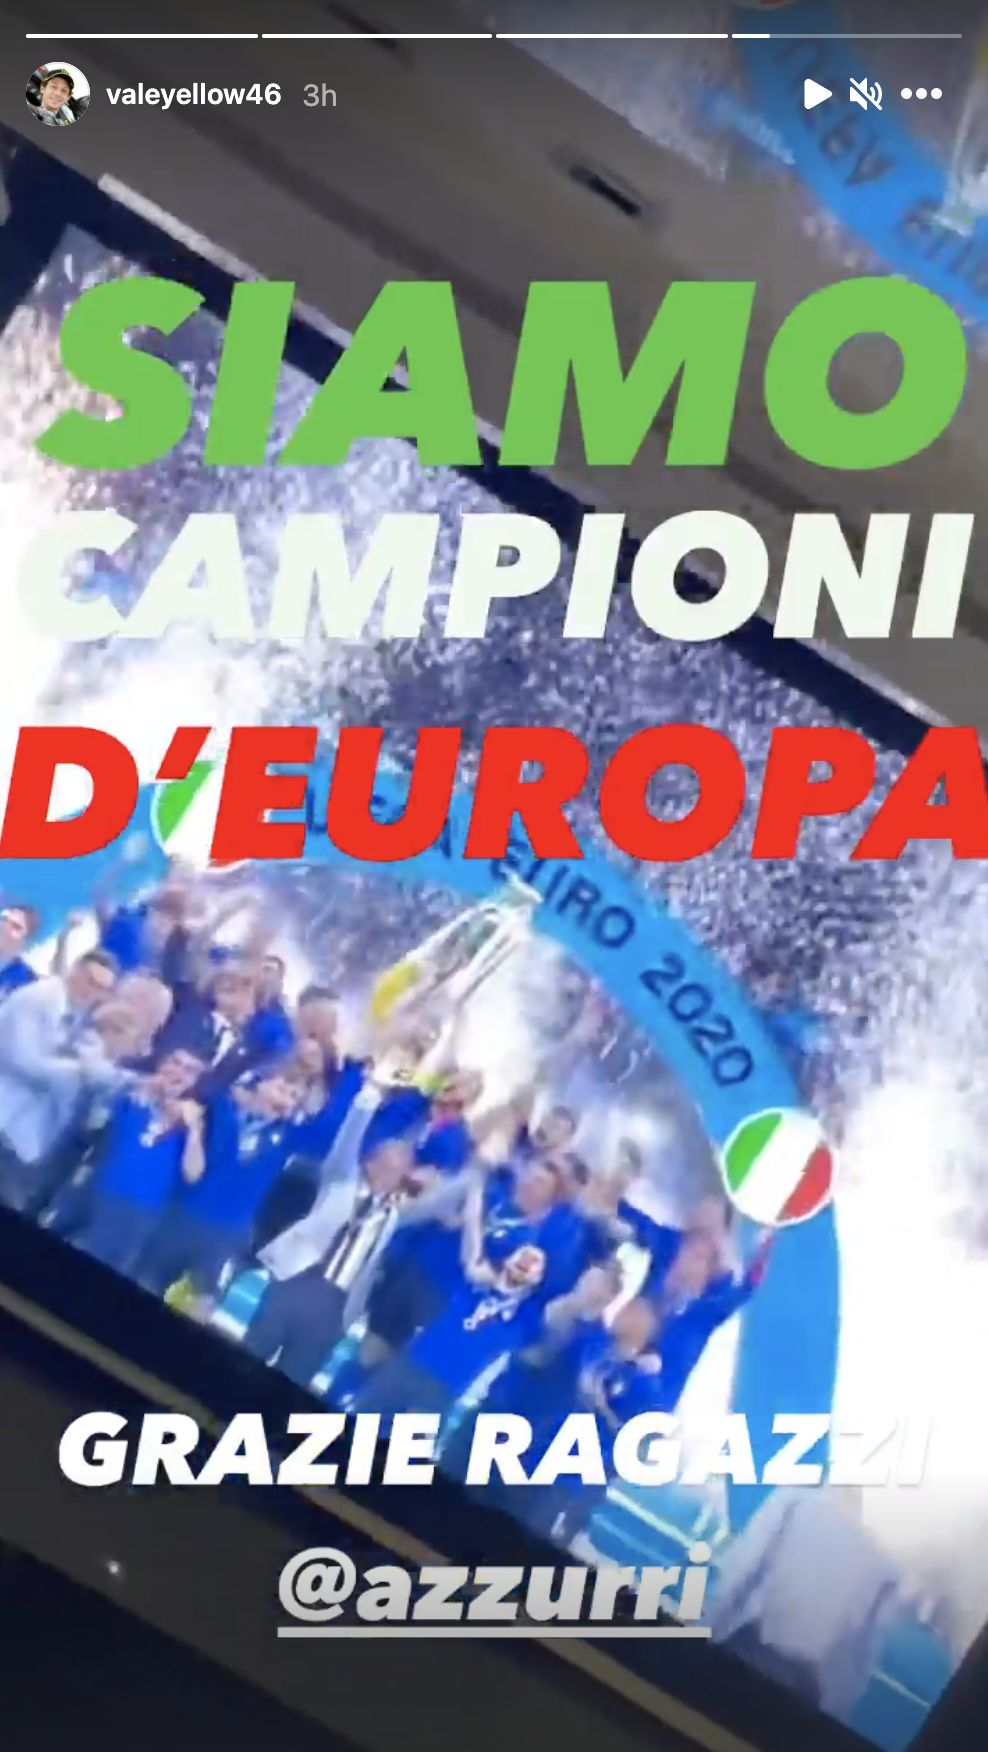 Unggahan Instagram story Valentino Rossi usai kemenangan Italia di Euro 2020